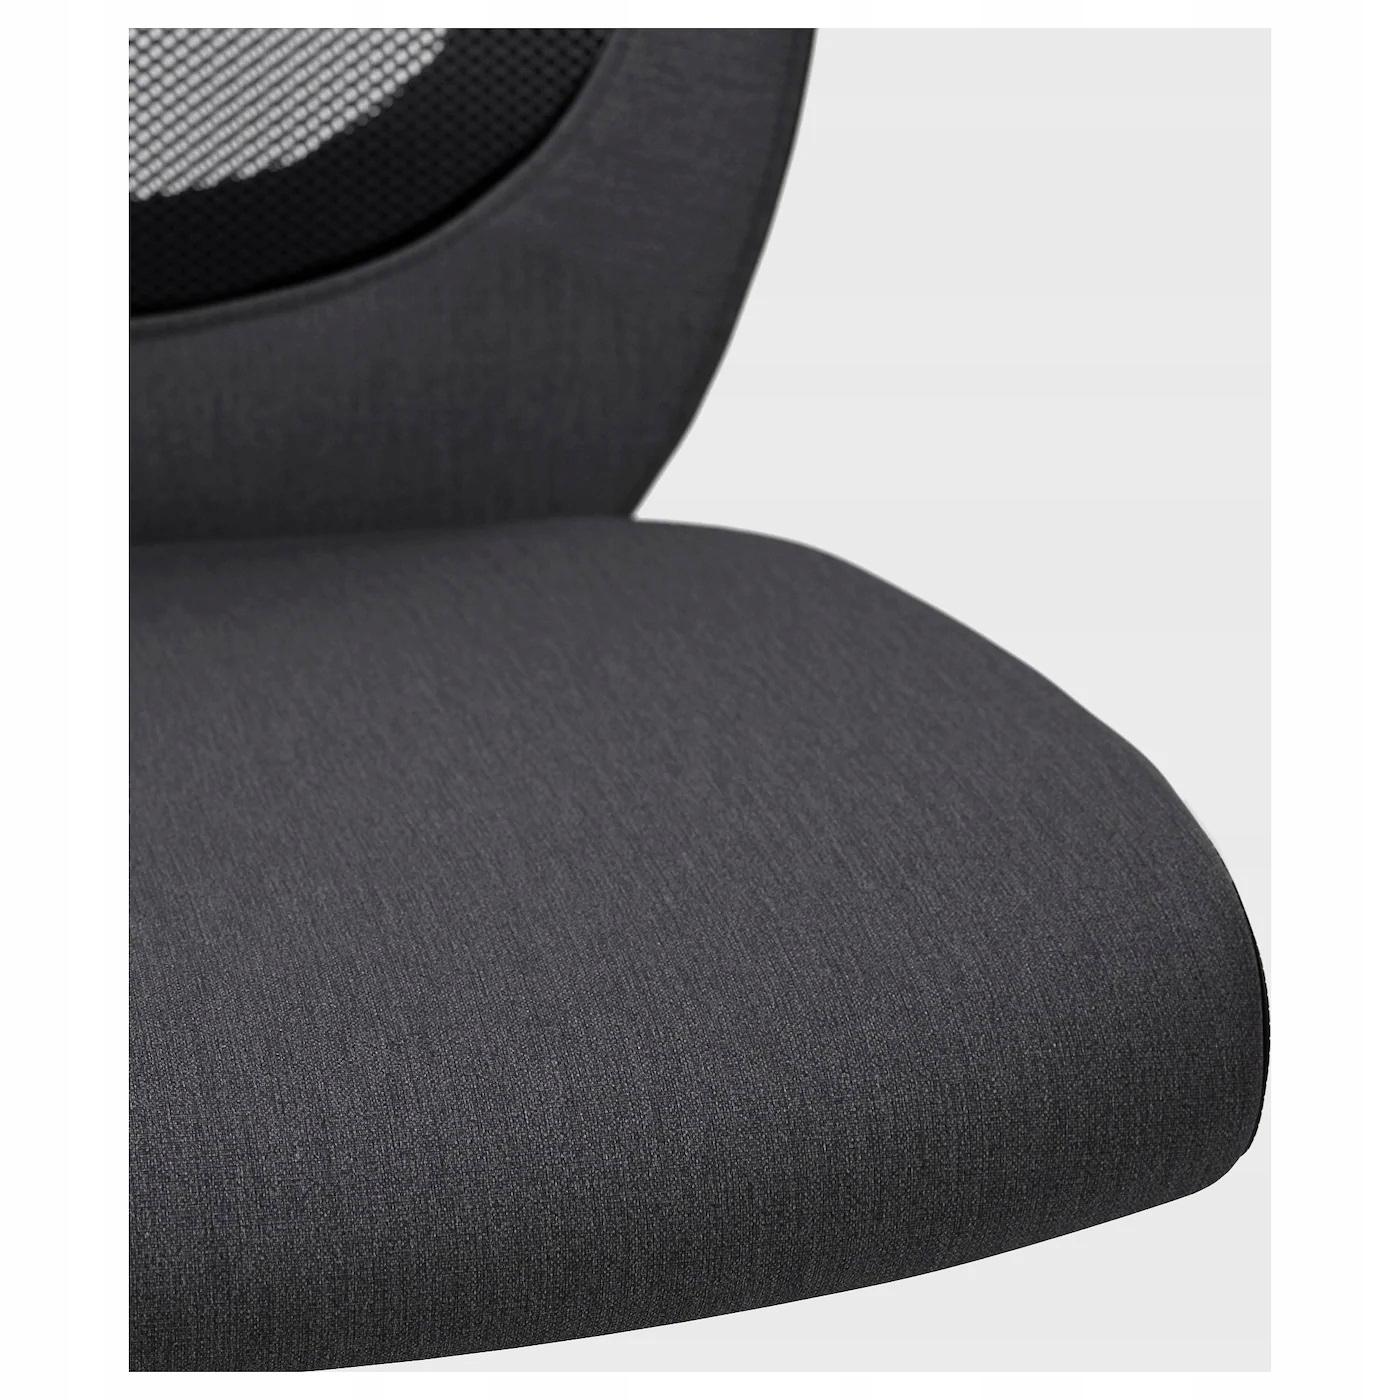 IKEA FLINTAN SZARY krzesło biurowe obrotowe fotel 199 zł